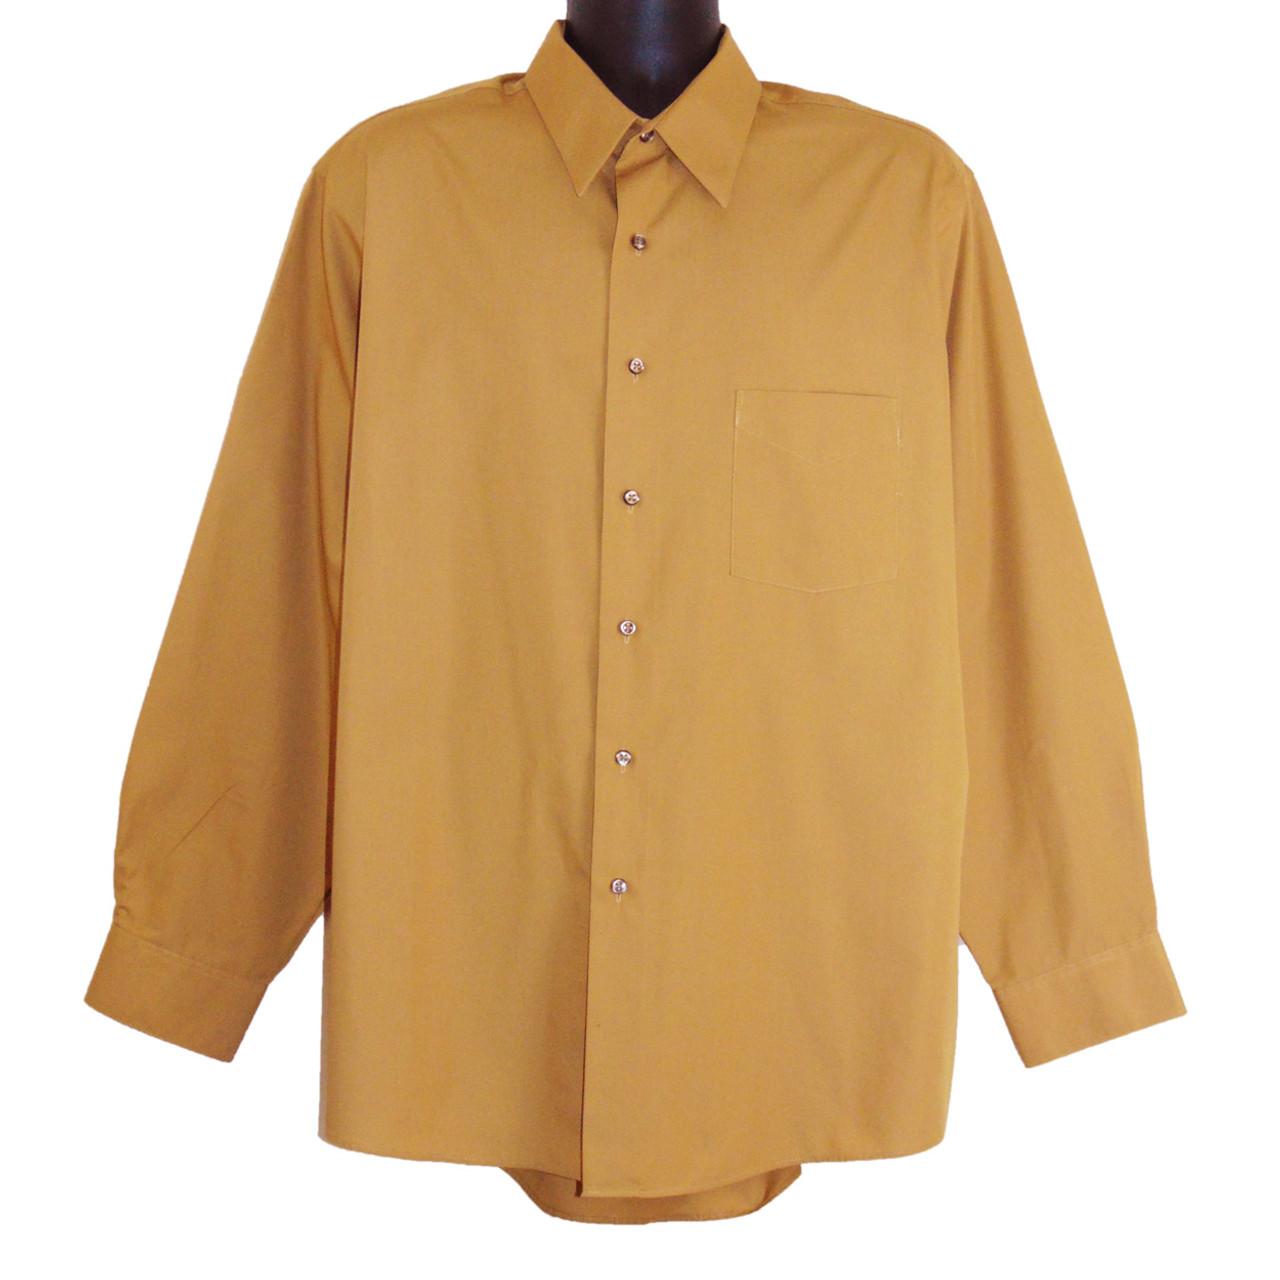 9052f01d0 Van Heusen Wrinkle Free Golden Tan Long Sleeve Dress Shirt